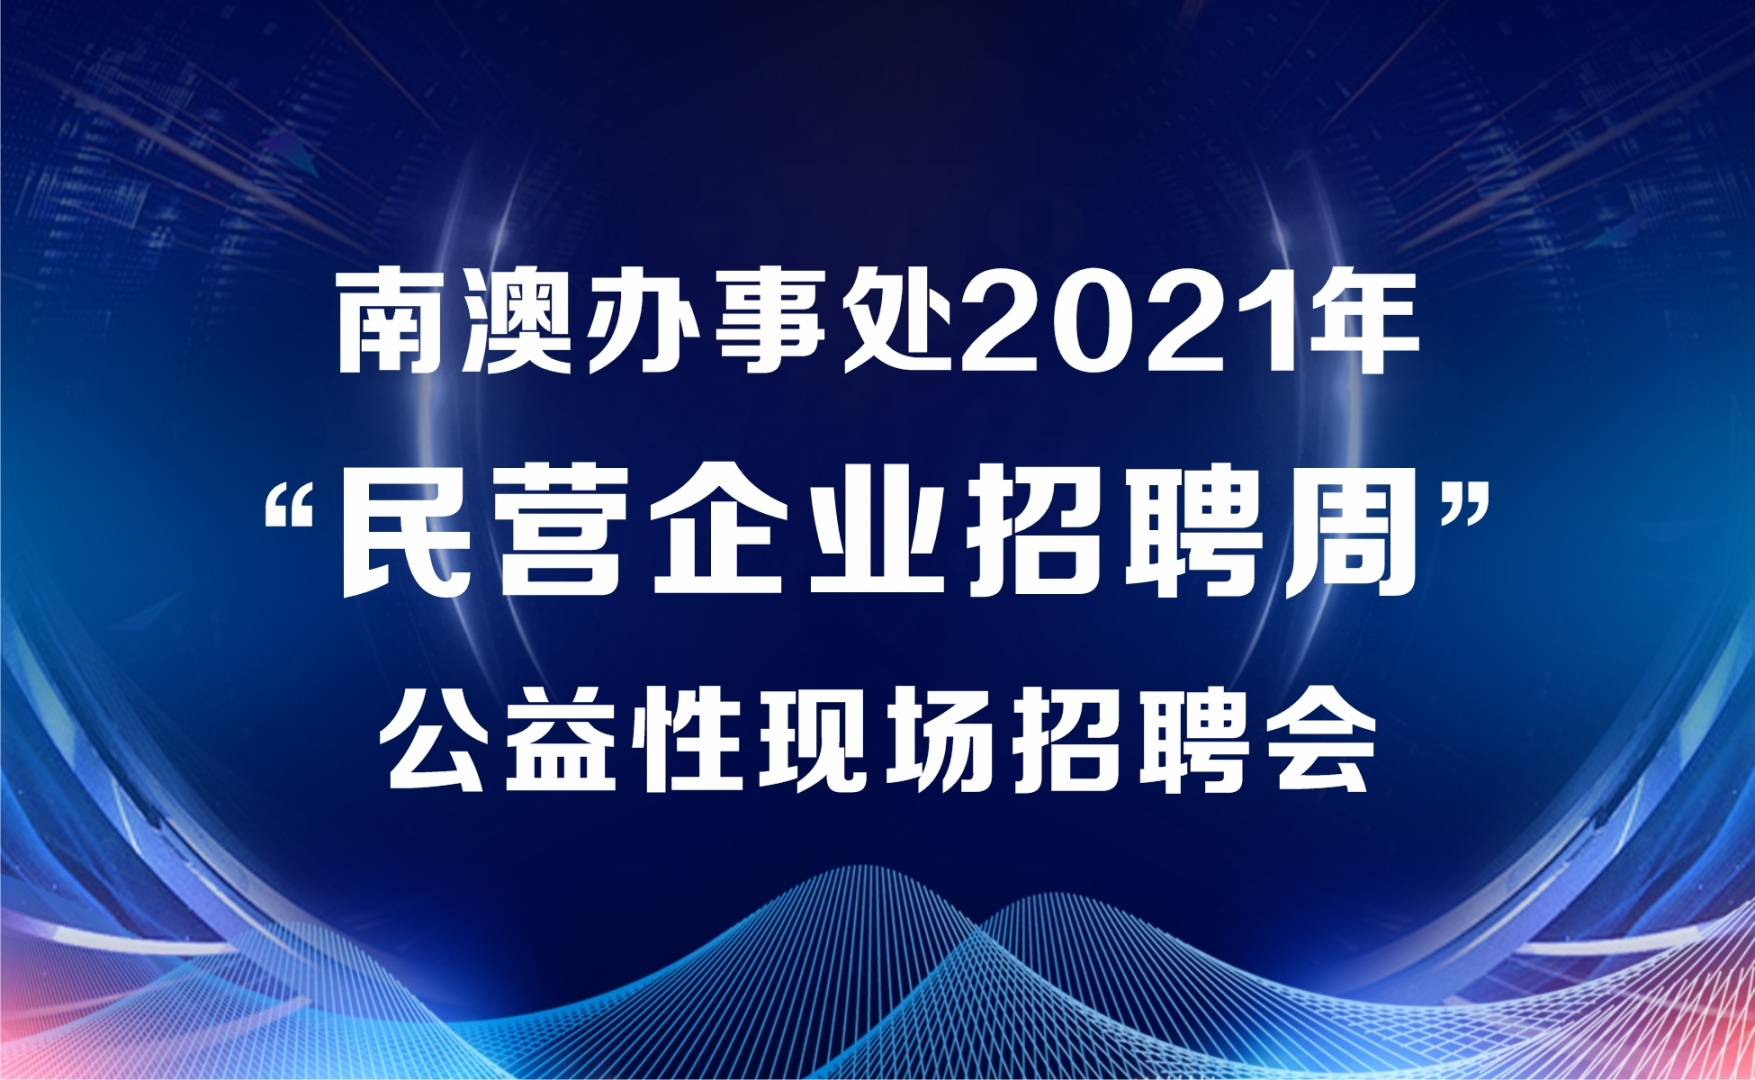 """南澳办事处2021年""""民营企业招聘周""""公益性现场招聘会"""